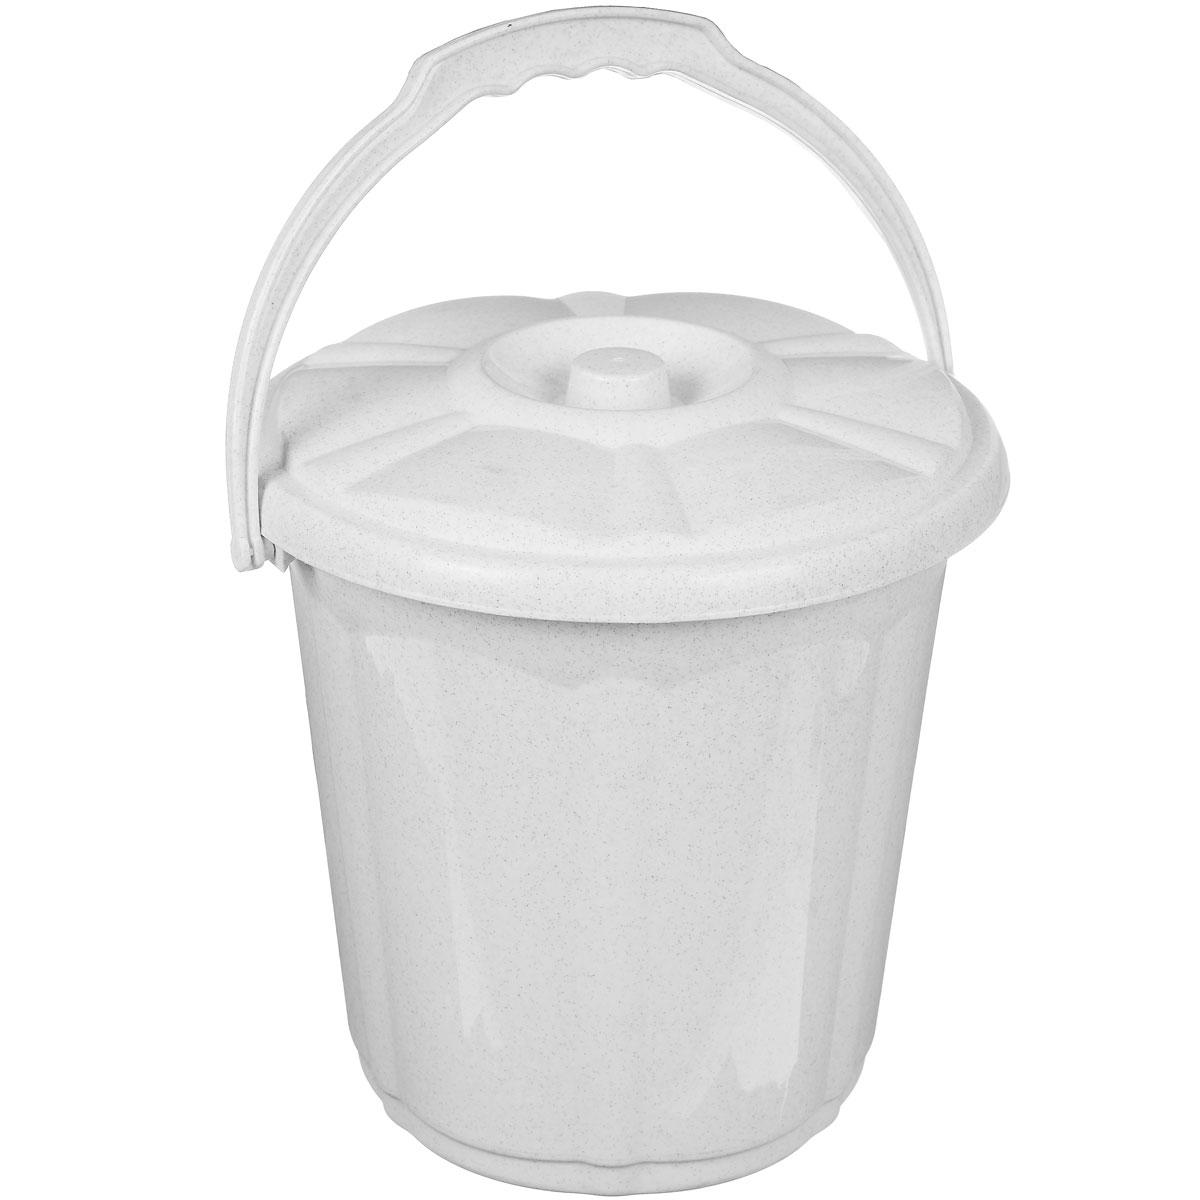 Ведро Dunya Plastik Стиль, с крышкой, цвет: белый, 7 л9102_белыйВедро Dunya Plastik Стиль изготовлено из прочного пластика. Изделие оснащено плотно закрывающейся крышкой и удобной ручкой. Такое ведро прекрасно подойдет для различных хозяйственных нужд: для уборки или хранения мусора. Диаметр ведра (по верхнему краю): 24 см. Высота (без учета крышки): 24 см.